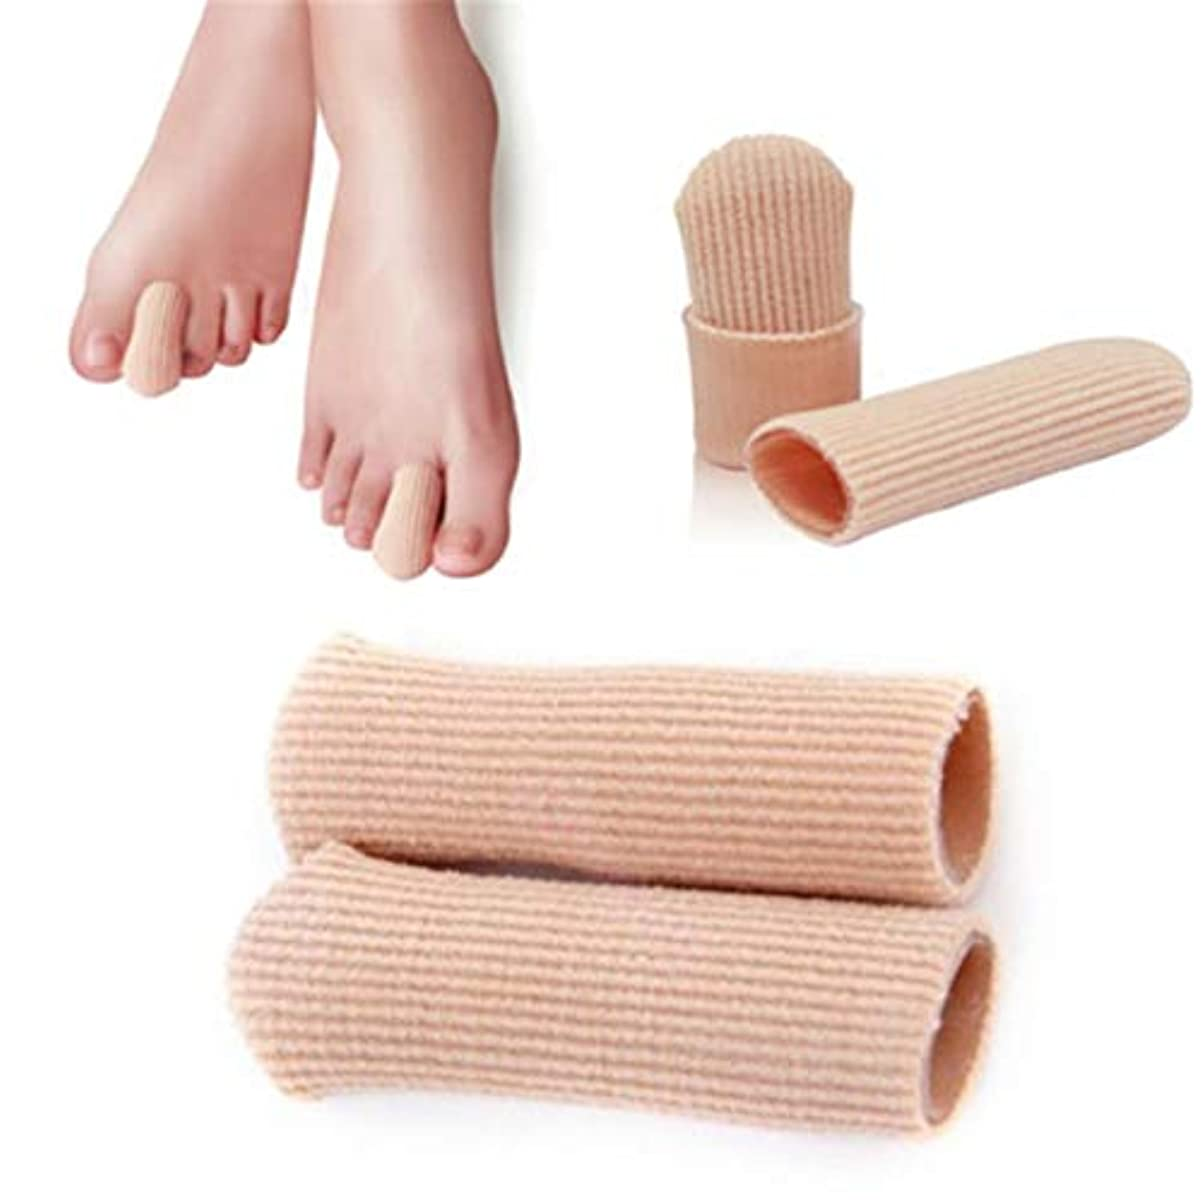 白雪姫勃起バイパスB-035 SEBS Toe Tube Toe Caps Toe Cushions Foot Corns Remover Finger Toe Protect Body Massager Insoles Health Care